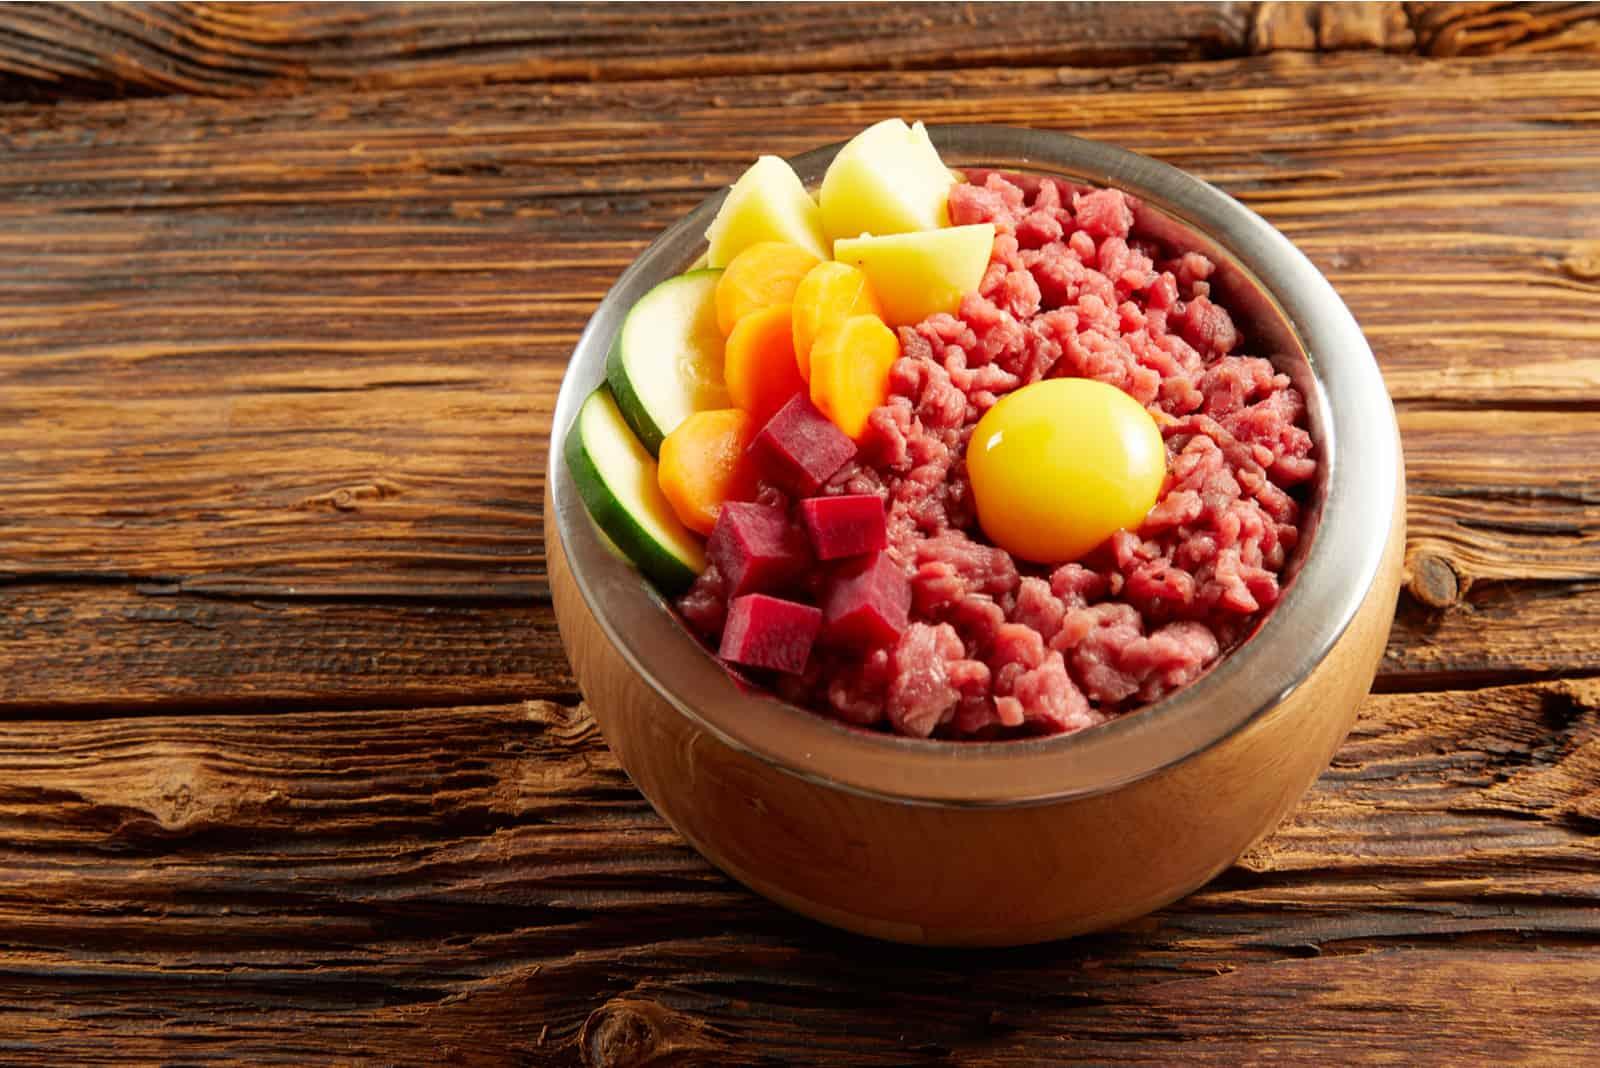 Leckeres Abendessen für einen Hund mit gehacktem und gehacktem rohem Fleisch, Eigelb und frischem Gemüse in einer Metallschale auf einem rustikalen Holzboden